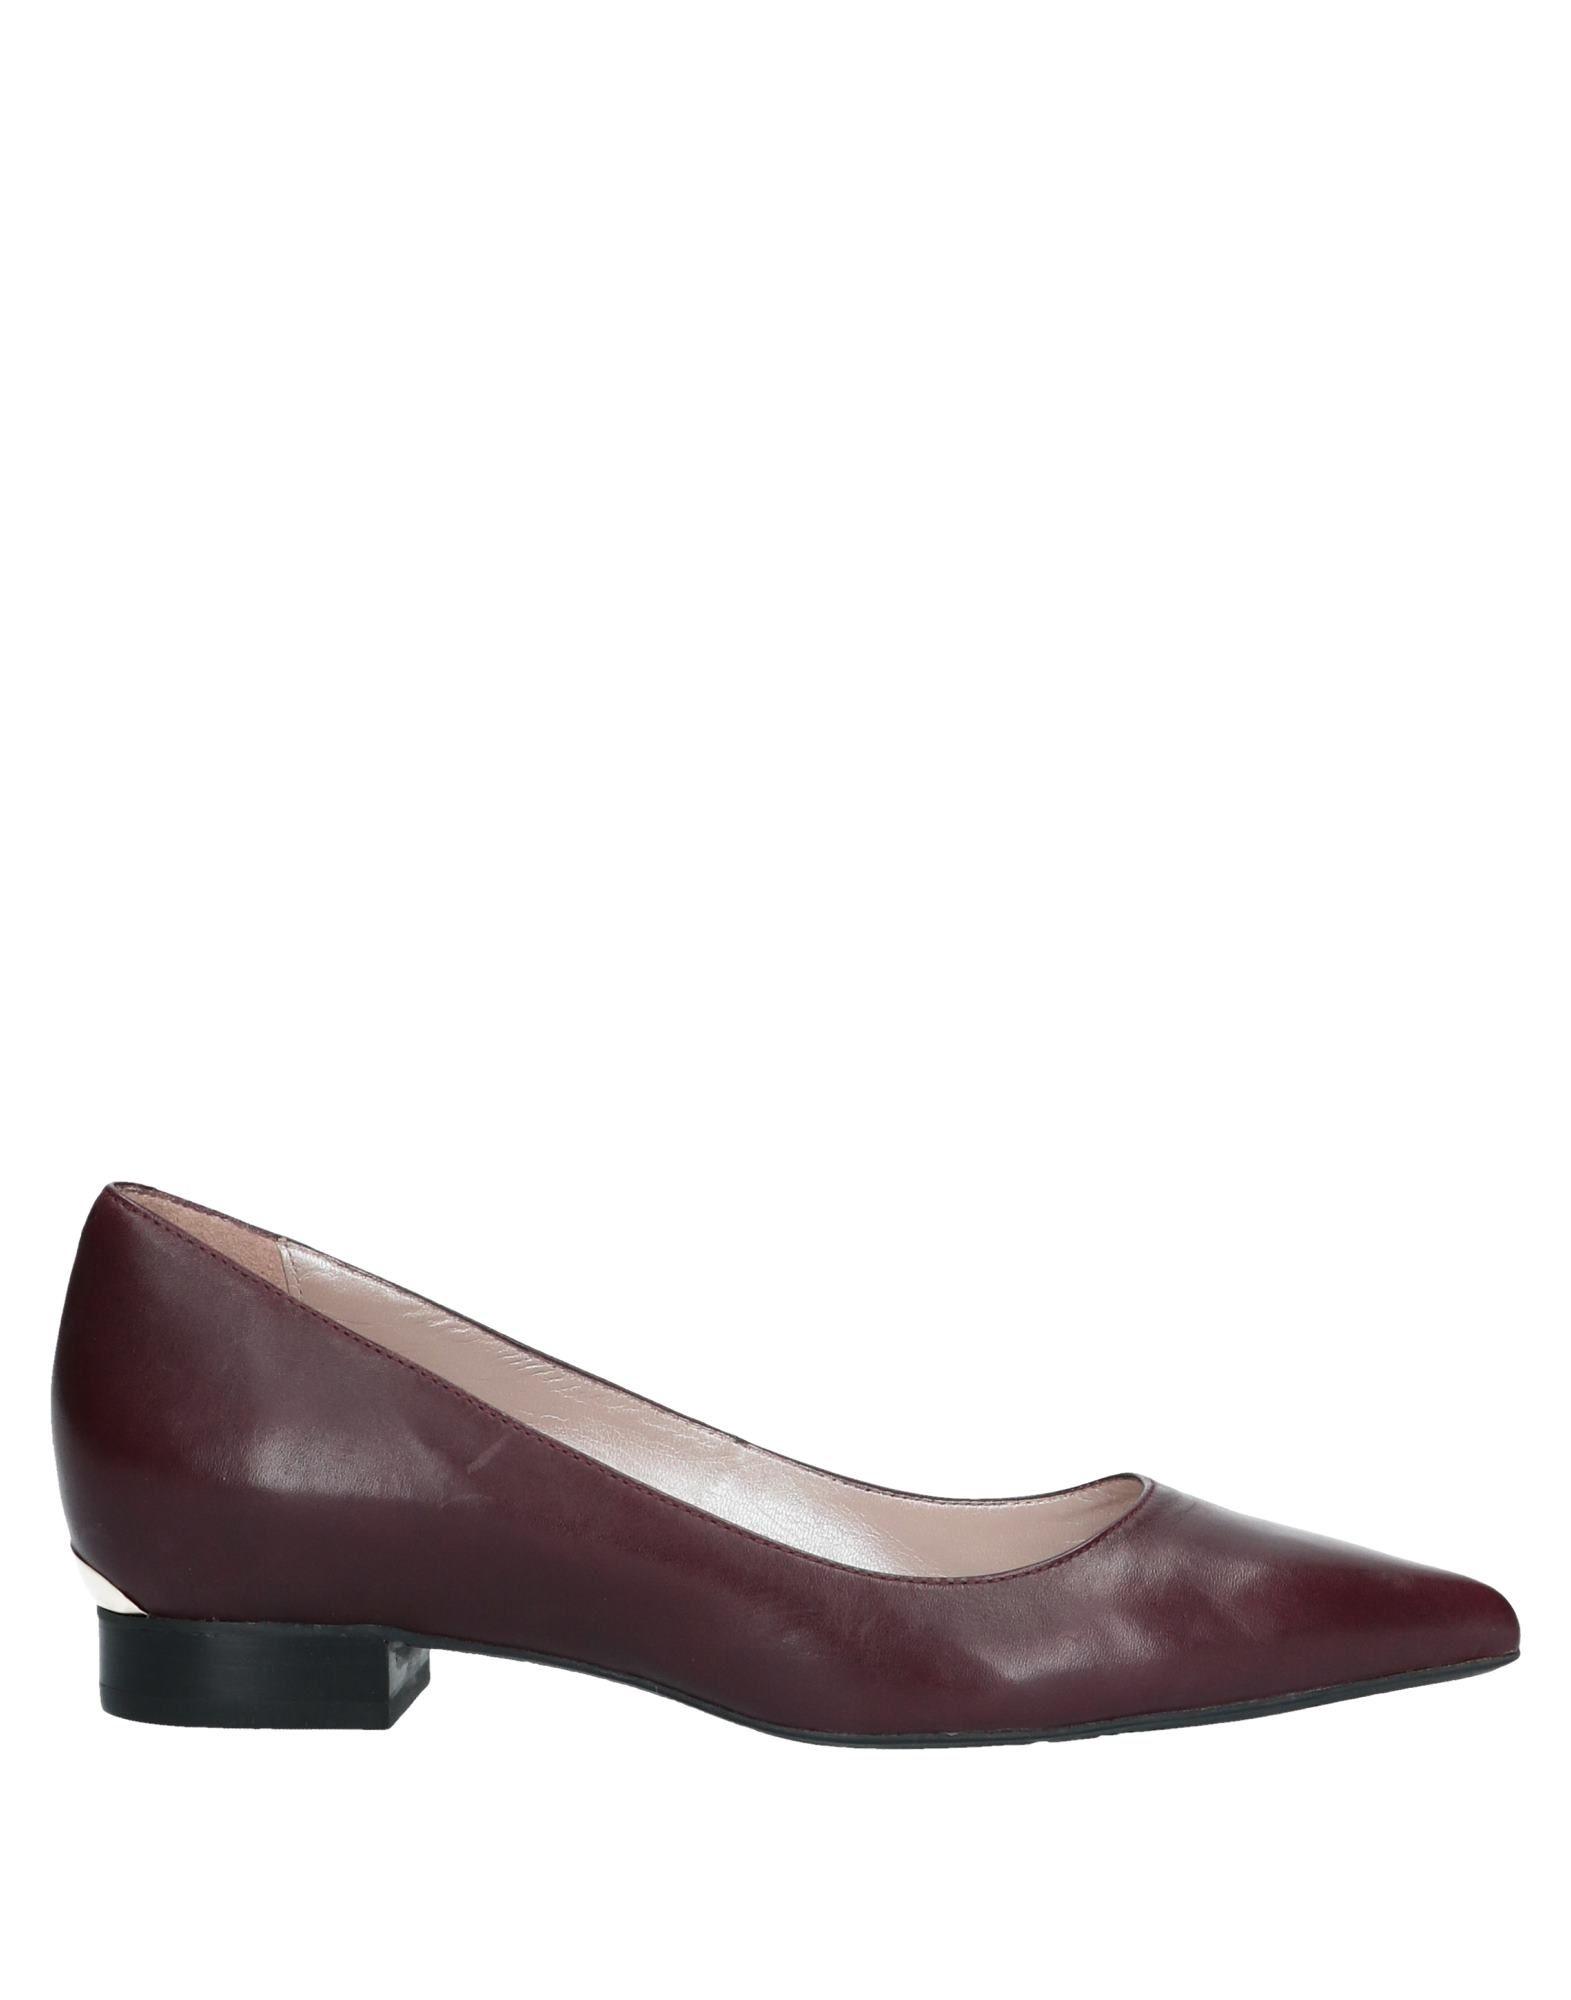 Фото - DKNY Балетки обувь на высокой платформе dkny